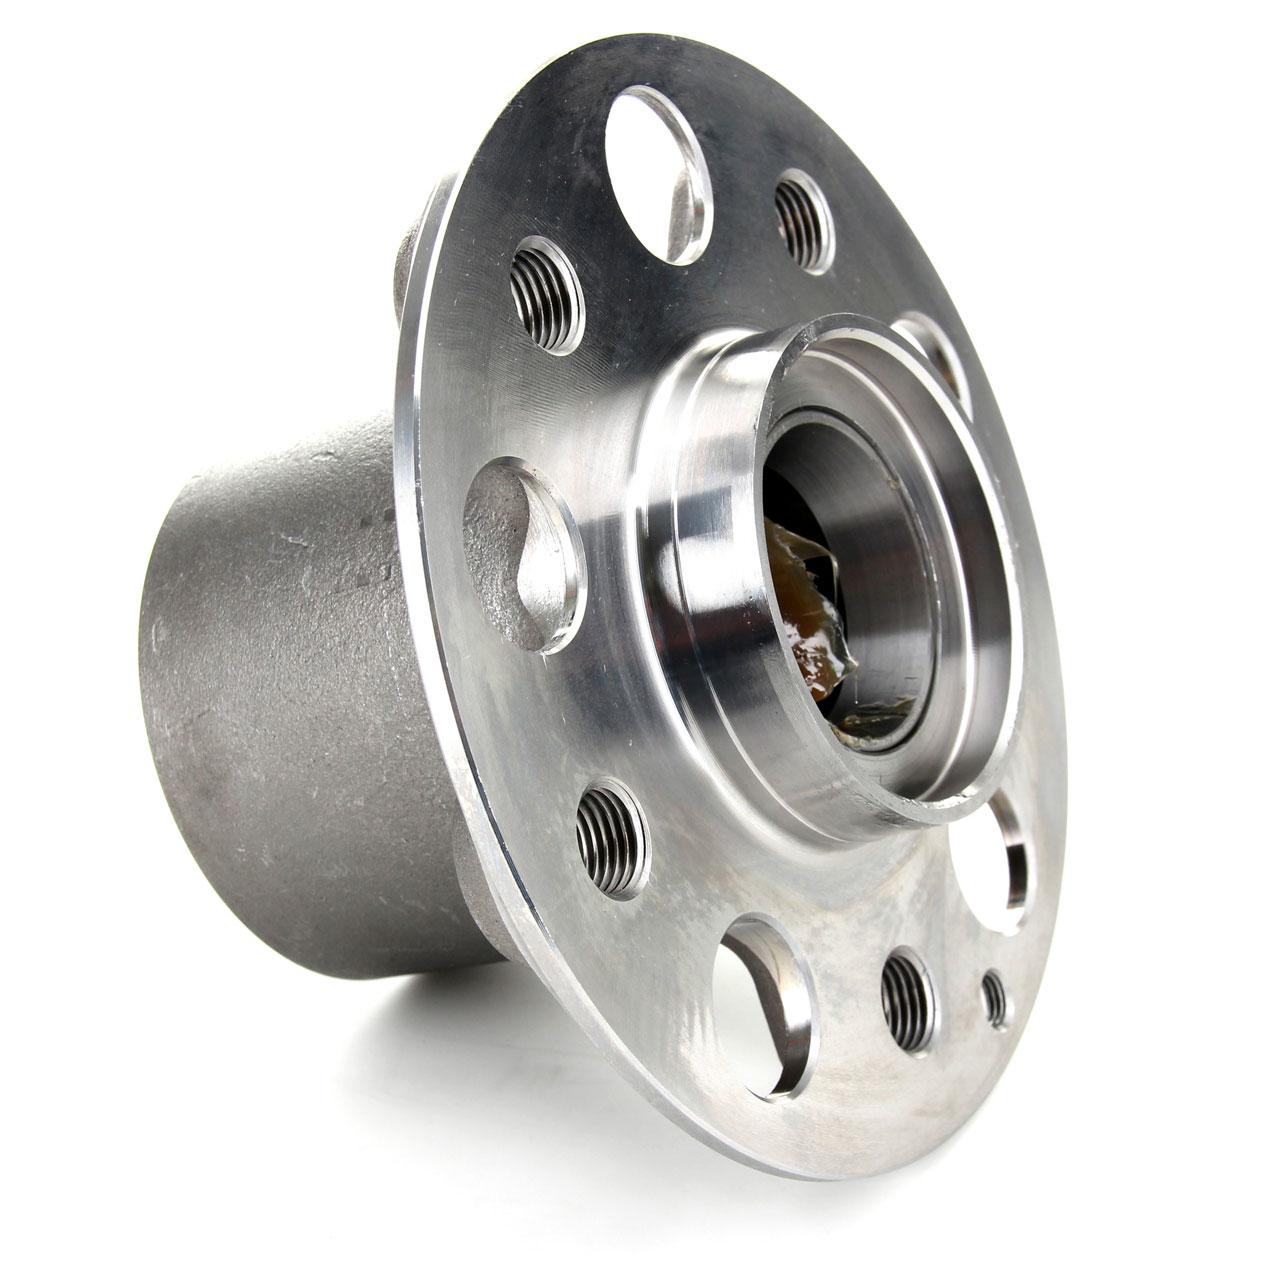 FEBI Radlagersatz Radnabe MERCEDES W212 E200-500 E200-350CDI / CLS 63 AMG C218 X218 vorne